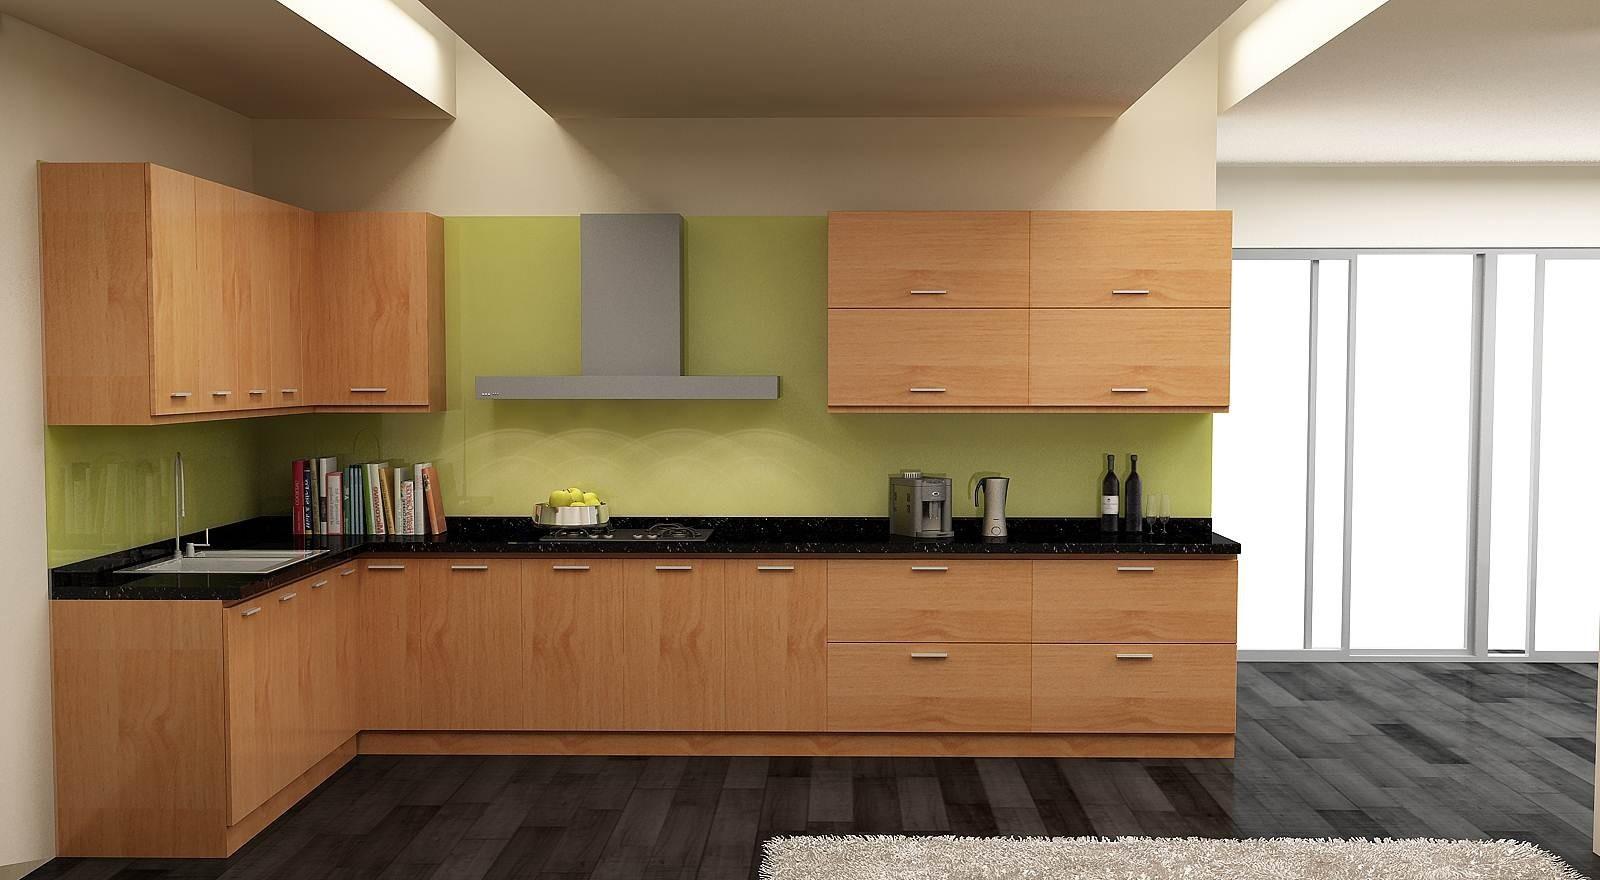 Kinh nghiệm thiết kế tủ bếp hiện đại